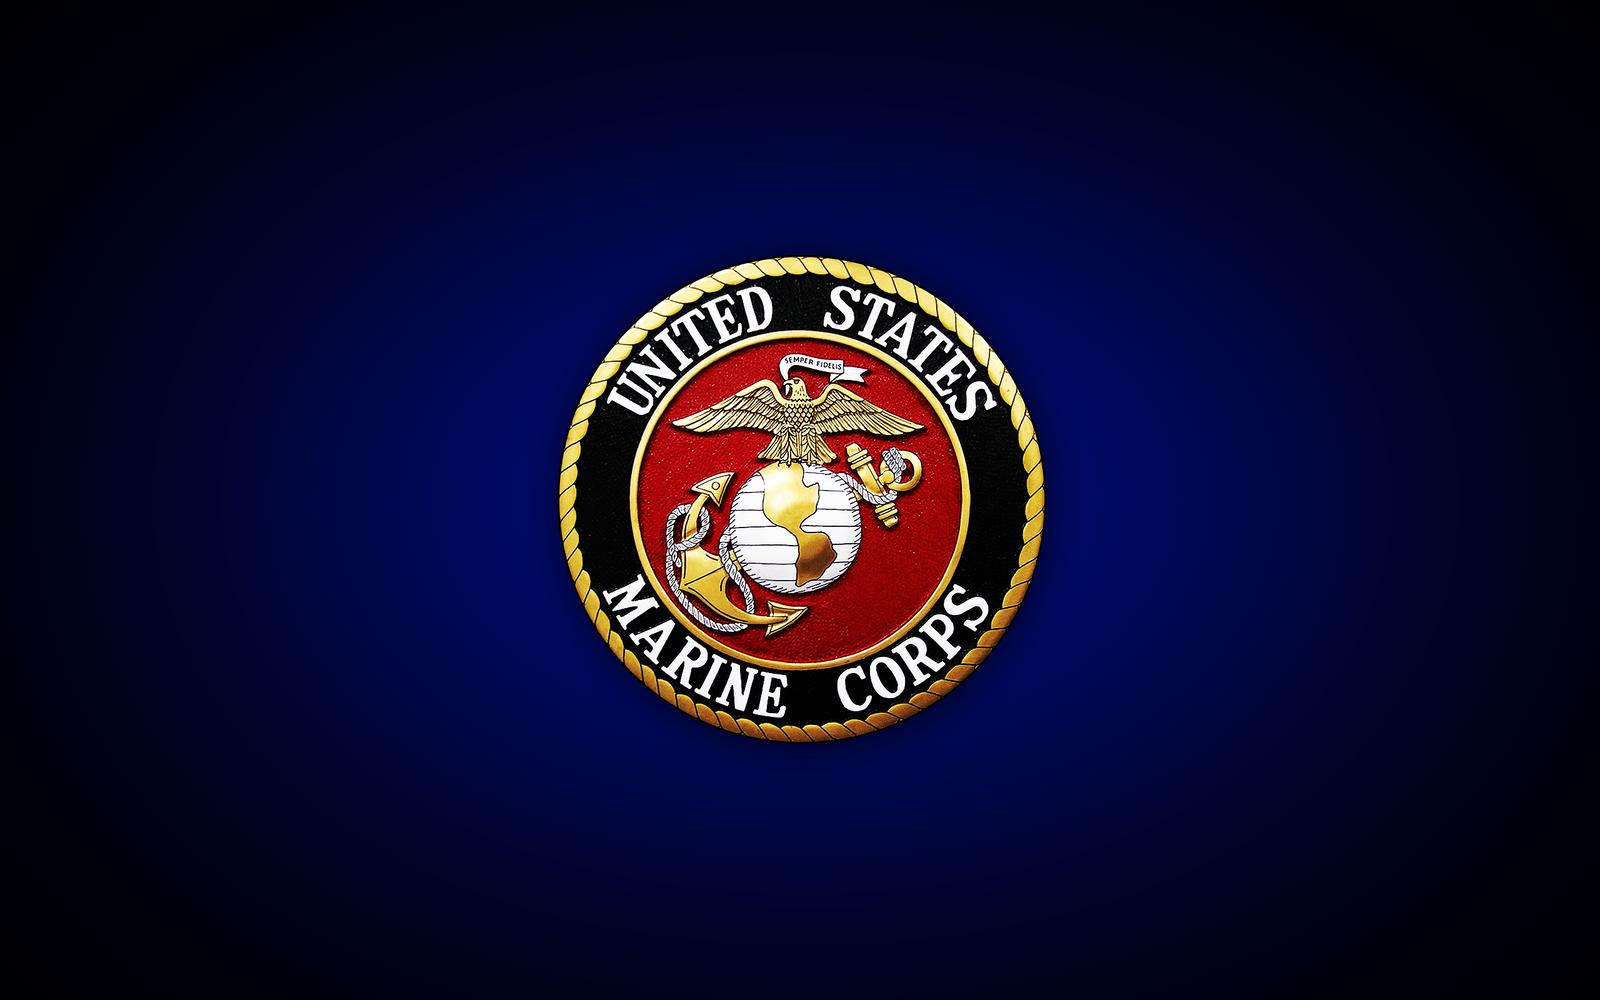 USMC (United States Marine Corps